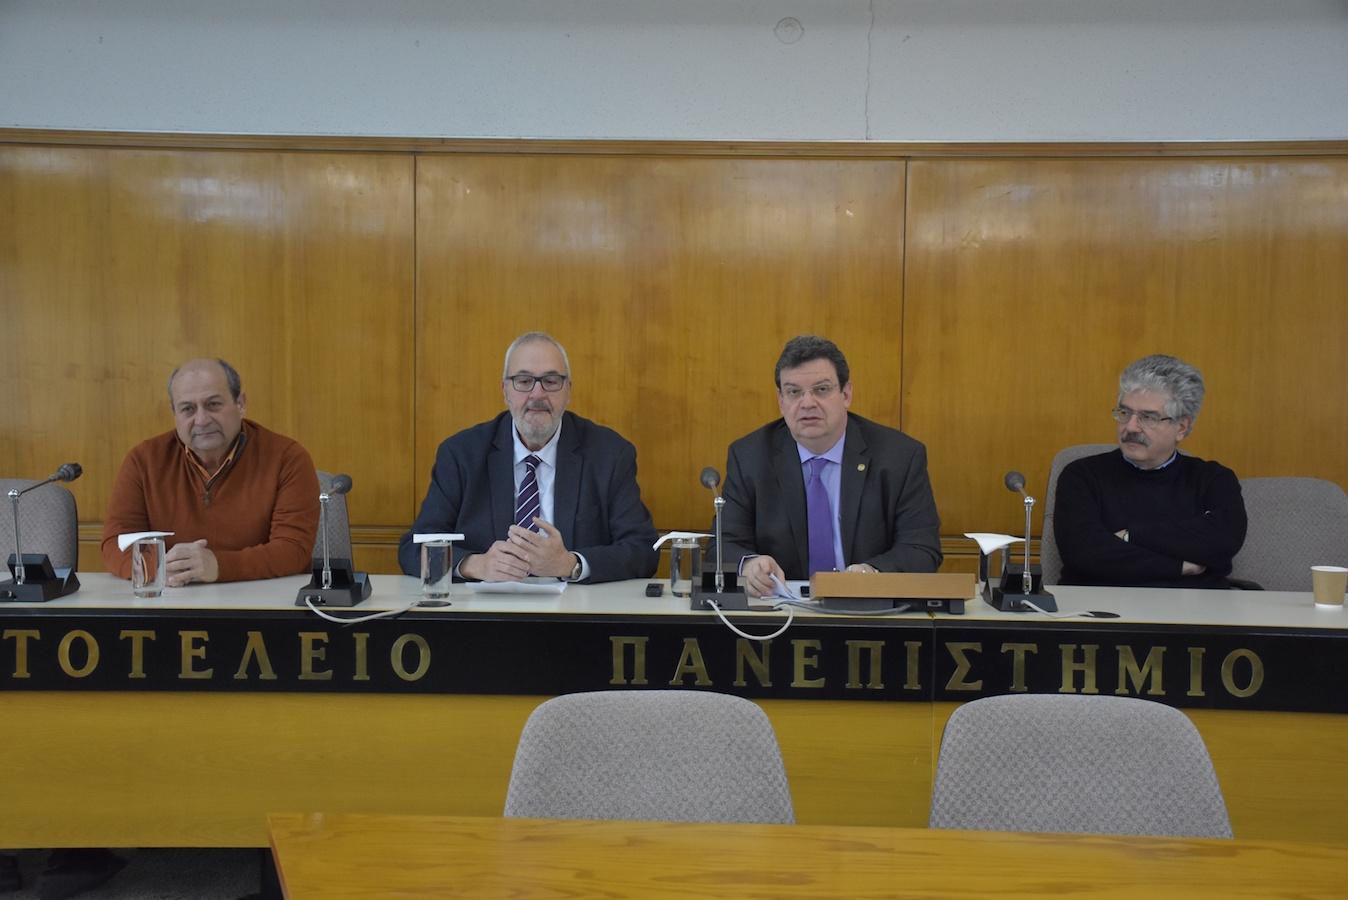 (από αριστερά) Ο Κοσμήτορας της Σχολής Θετικών Επιστημών, Καθηγητής Χαρίτων-Σαρλ Χιντήρογλου, ο Πρόεδρος και Διευθύνων Σύμβουλος της ΕΥΑΘ, Καθηγητής Γιάννης Ν. Κρεστενίτης, ο  Πρύτανης, Καθηγητής Περικλής Α. Μήτκας και ο Κοσμήτορας της Πολυτεχνικής Σχολής, Κωνσταντίνος Λ. Κατσιφαράκης.